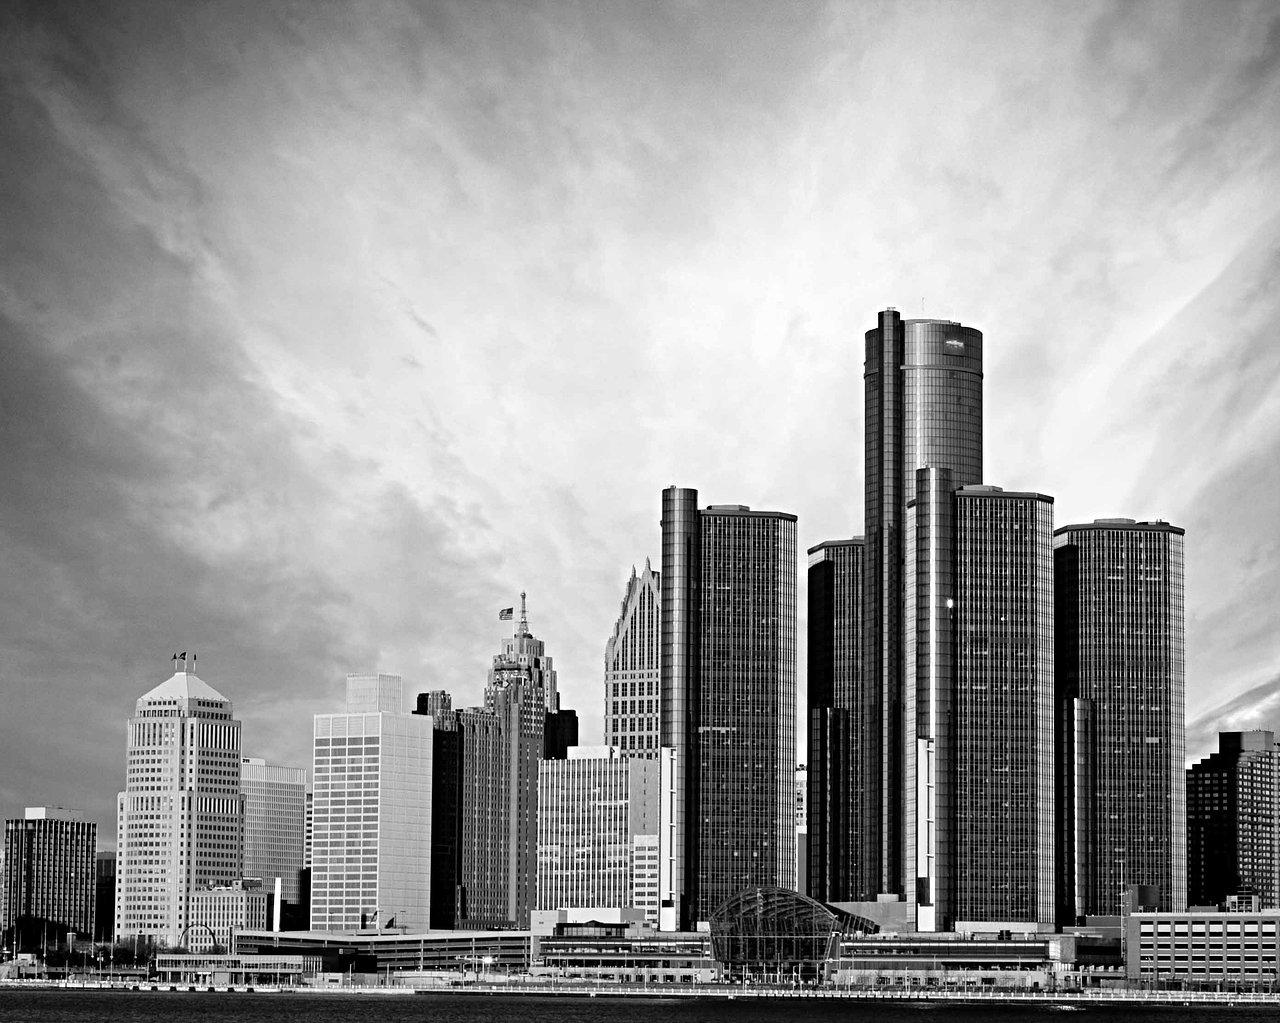 Detroit Skyline - Black and White